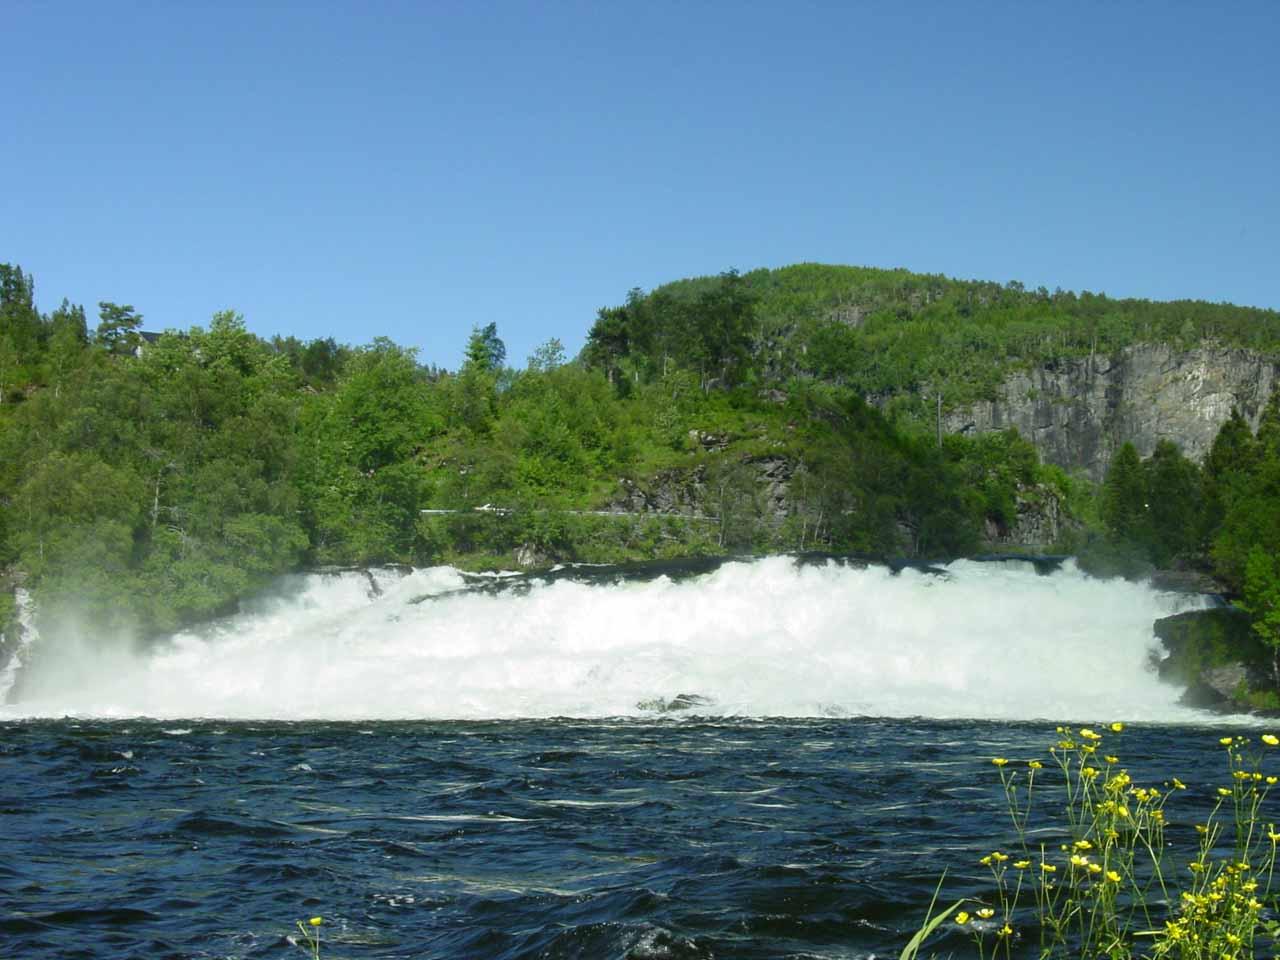 The broad Osenfossen or Osfossen waterfall near the head of Dalsfjorden seen on the way to Laukelandsfossen